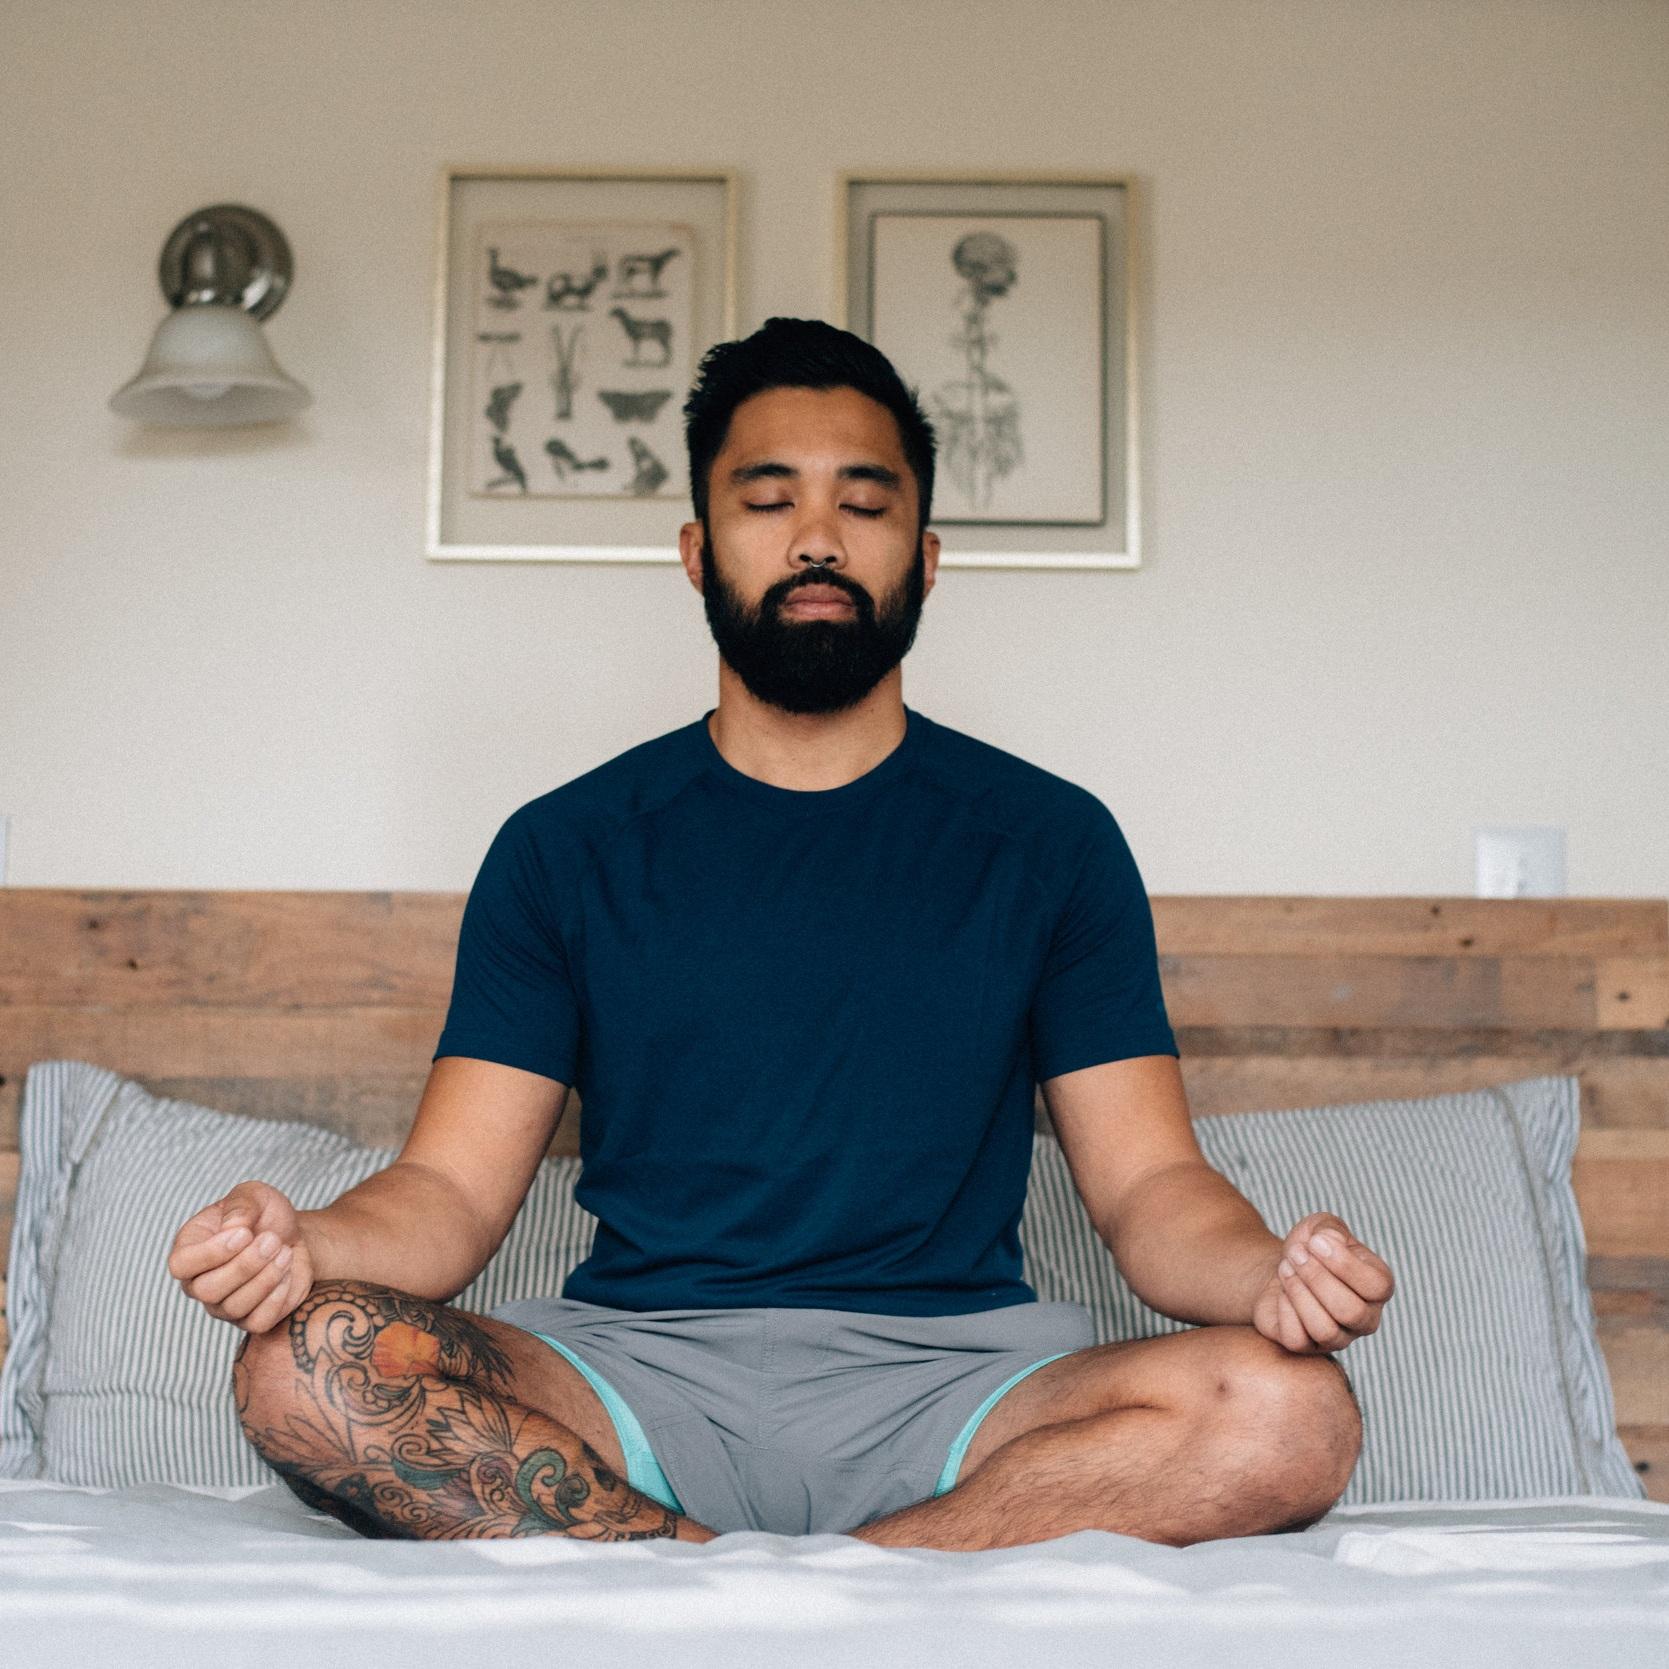 - breath-work & meditation